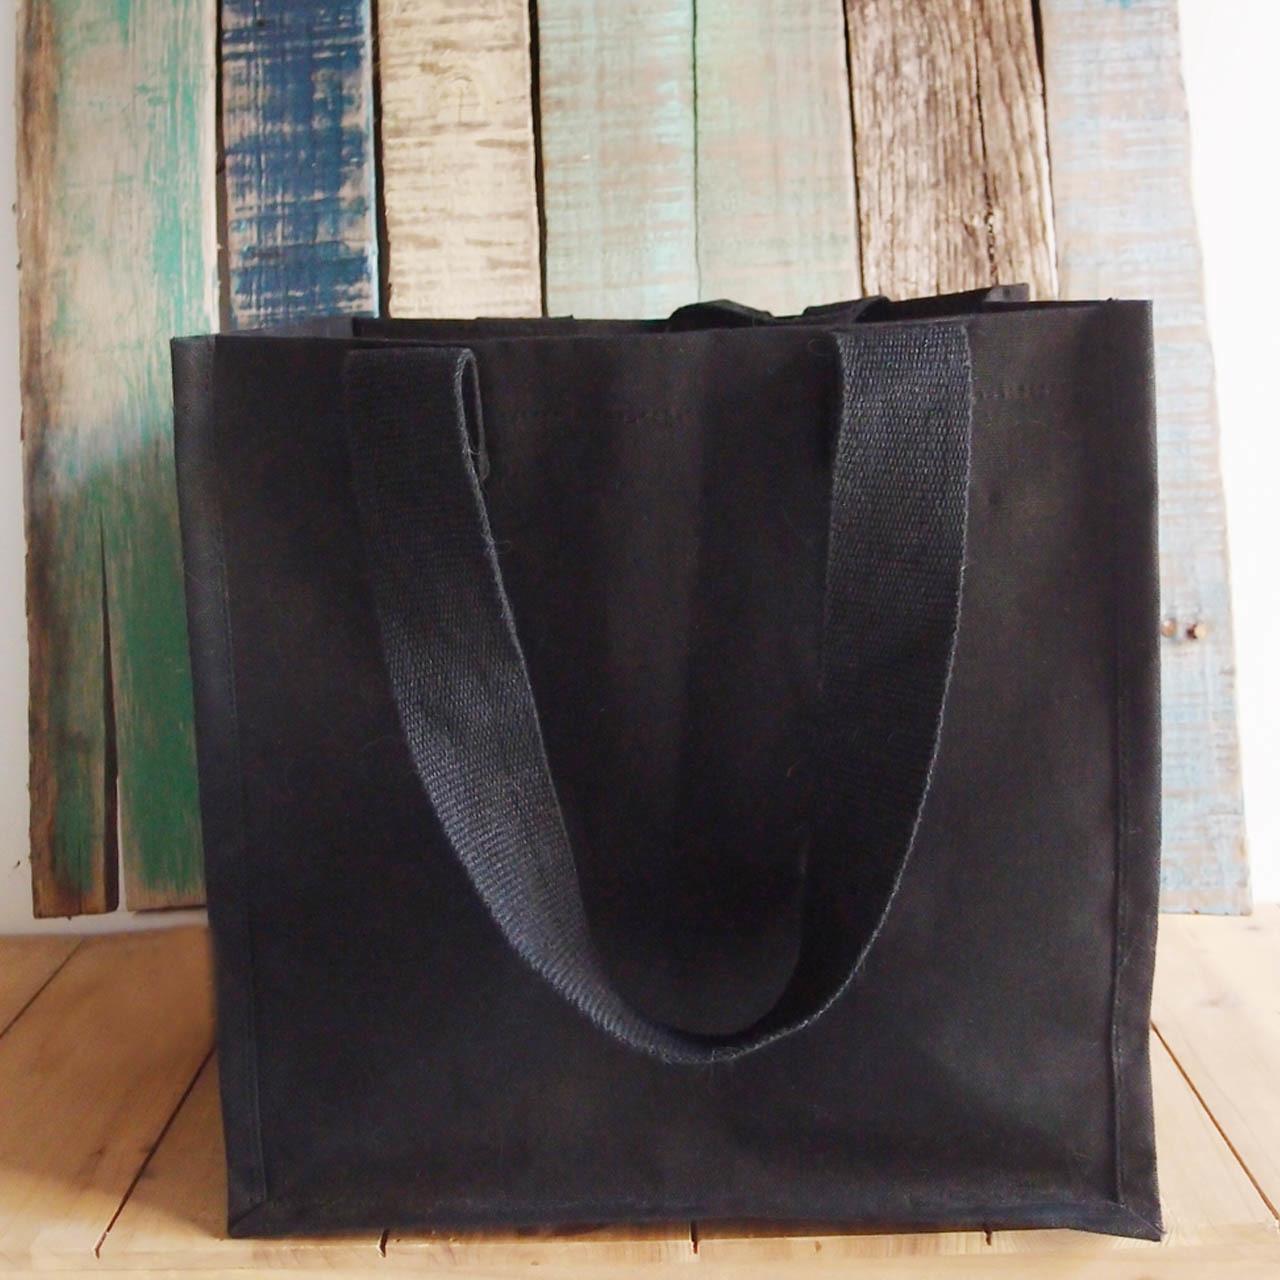 Large Canvas Tote Bags Black, Wholesale Black Canvas Tote Bags, Wholesale Cotton Bags | Packaging Decor